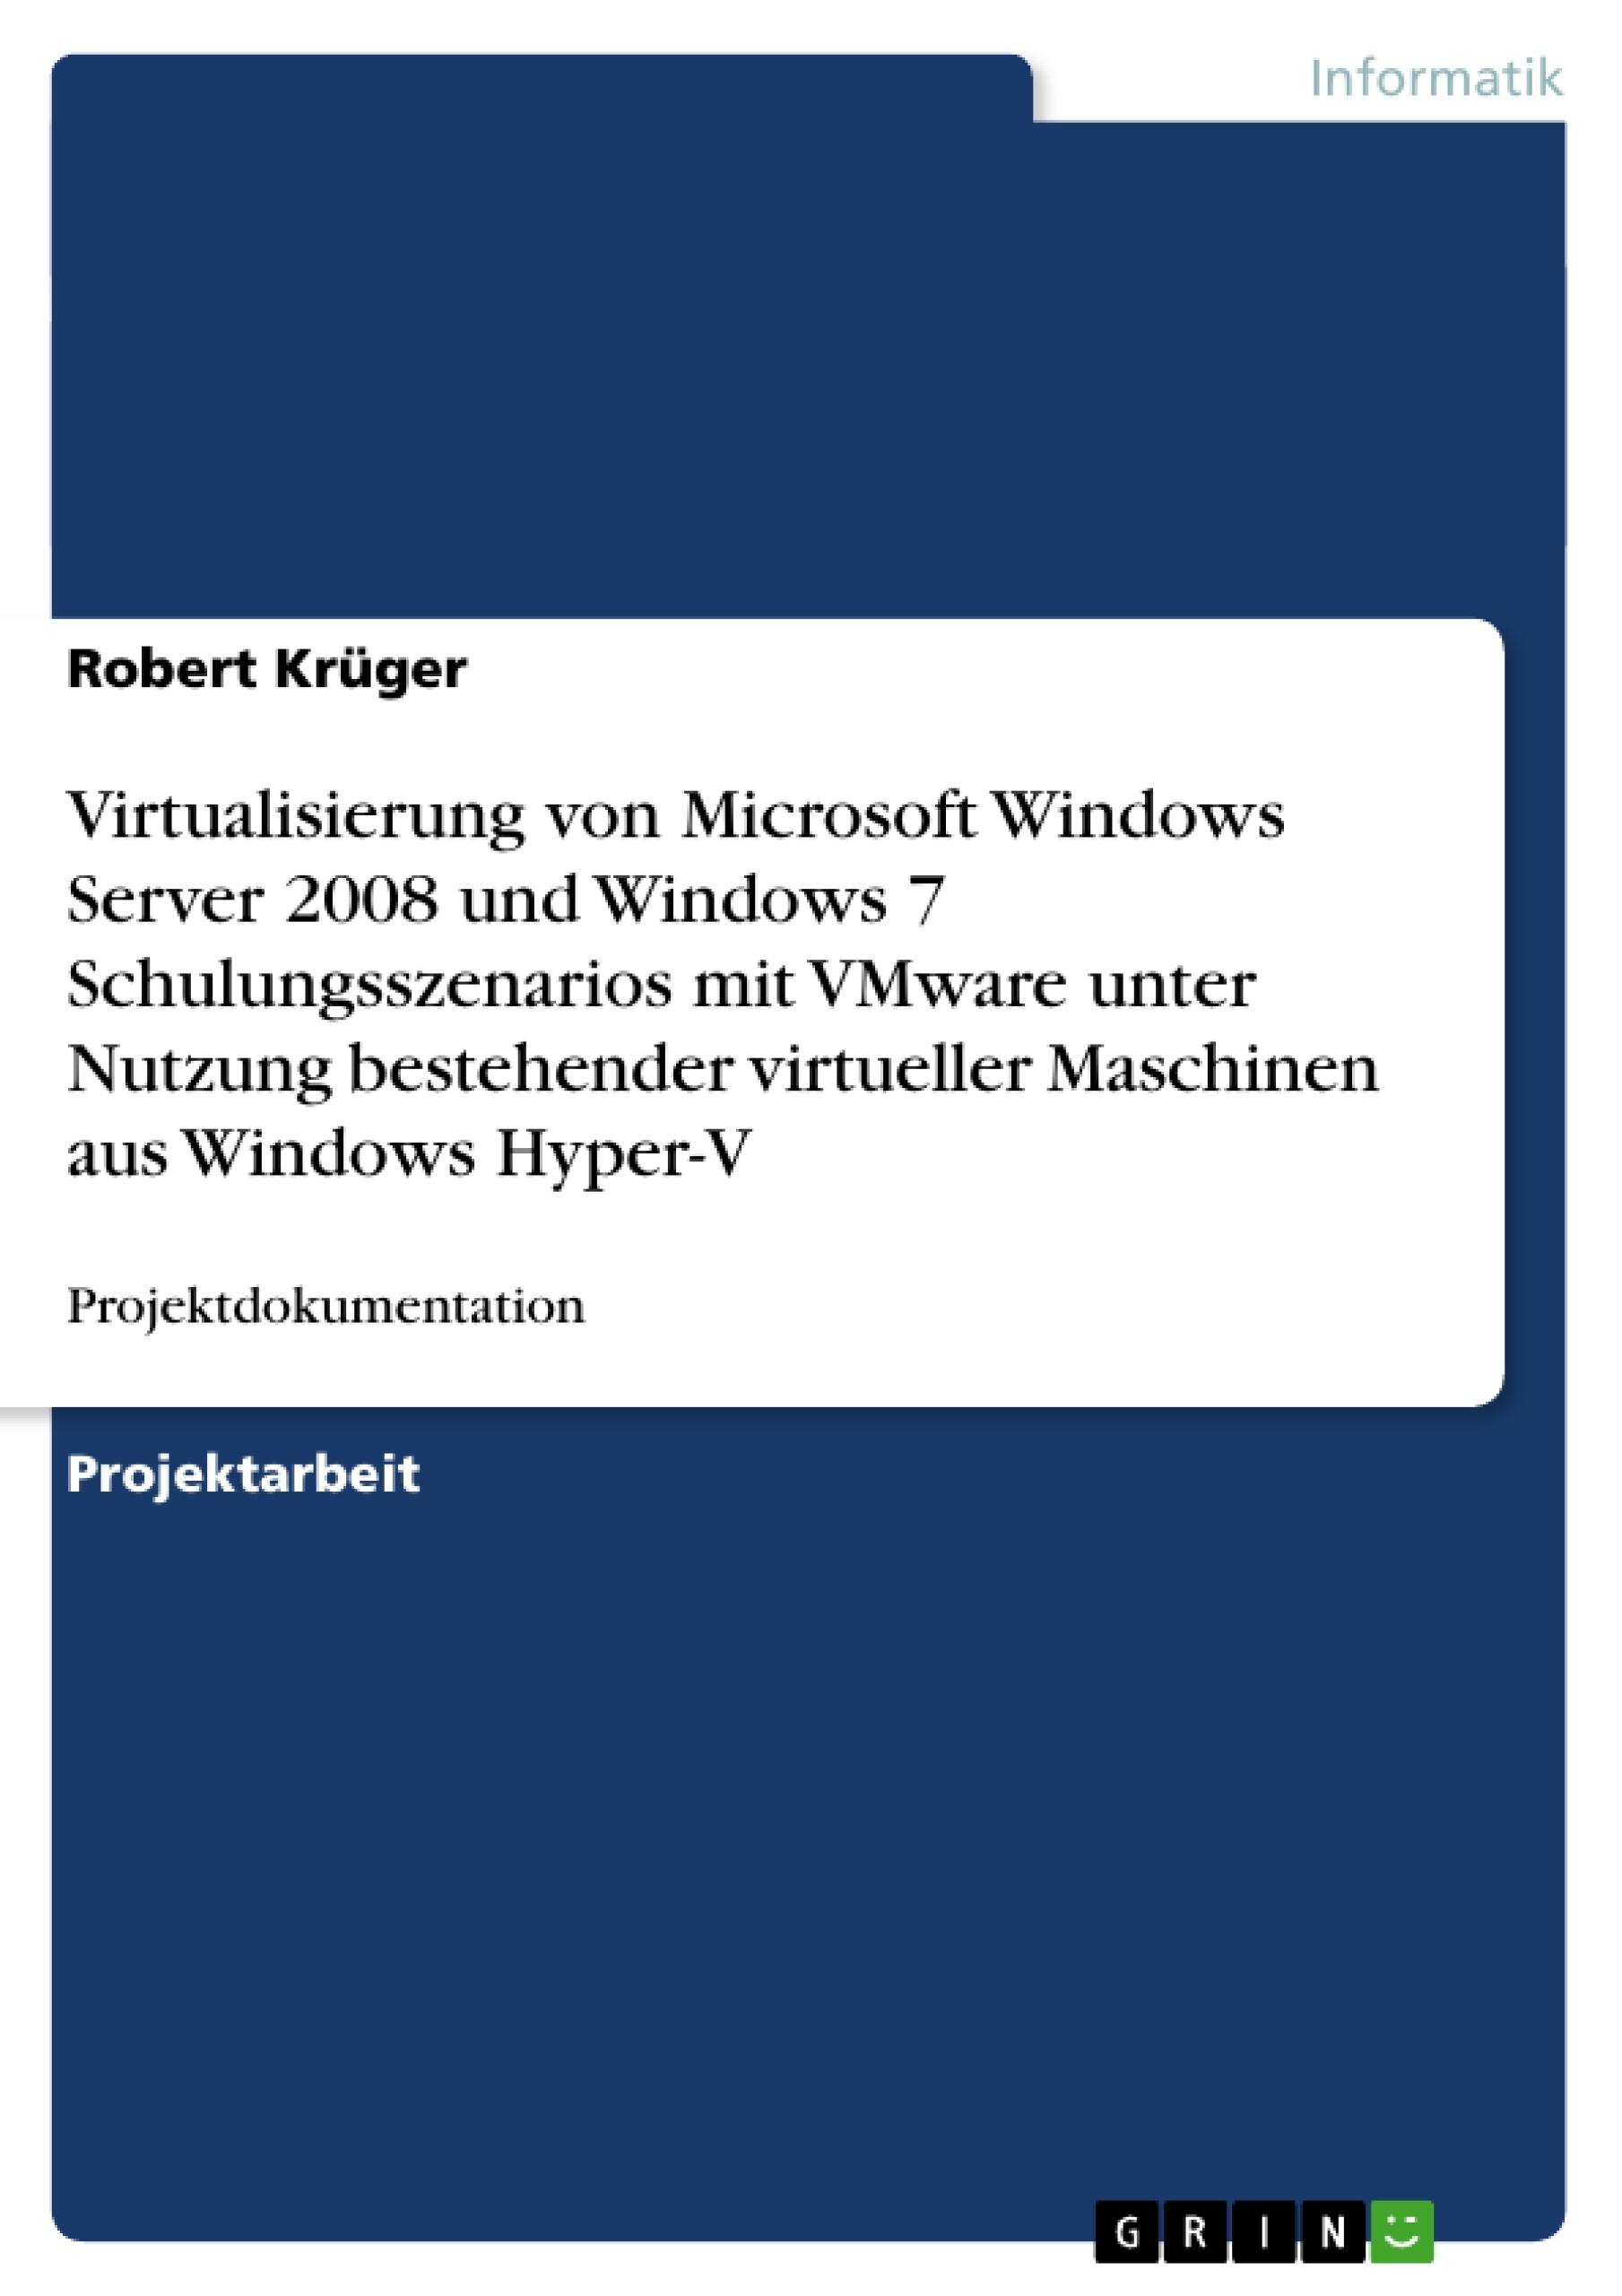 Titel: Virtualisierung von Microsoft Windows Server 2008 und Windows 7 Schulungsszenarios mit VMware unter Nutzung bestehender virtueller Maschinen aus Windows Hyper-V